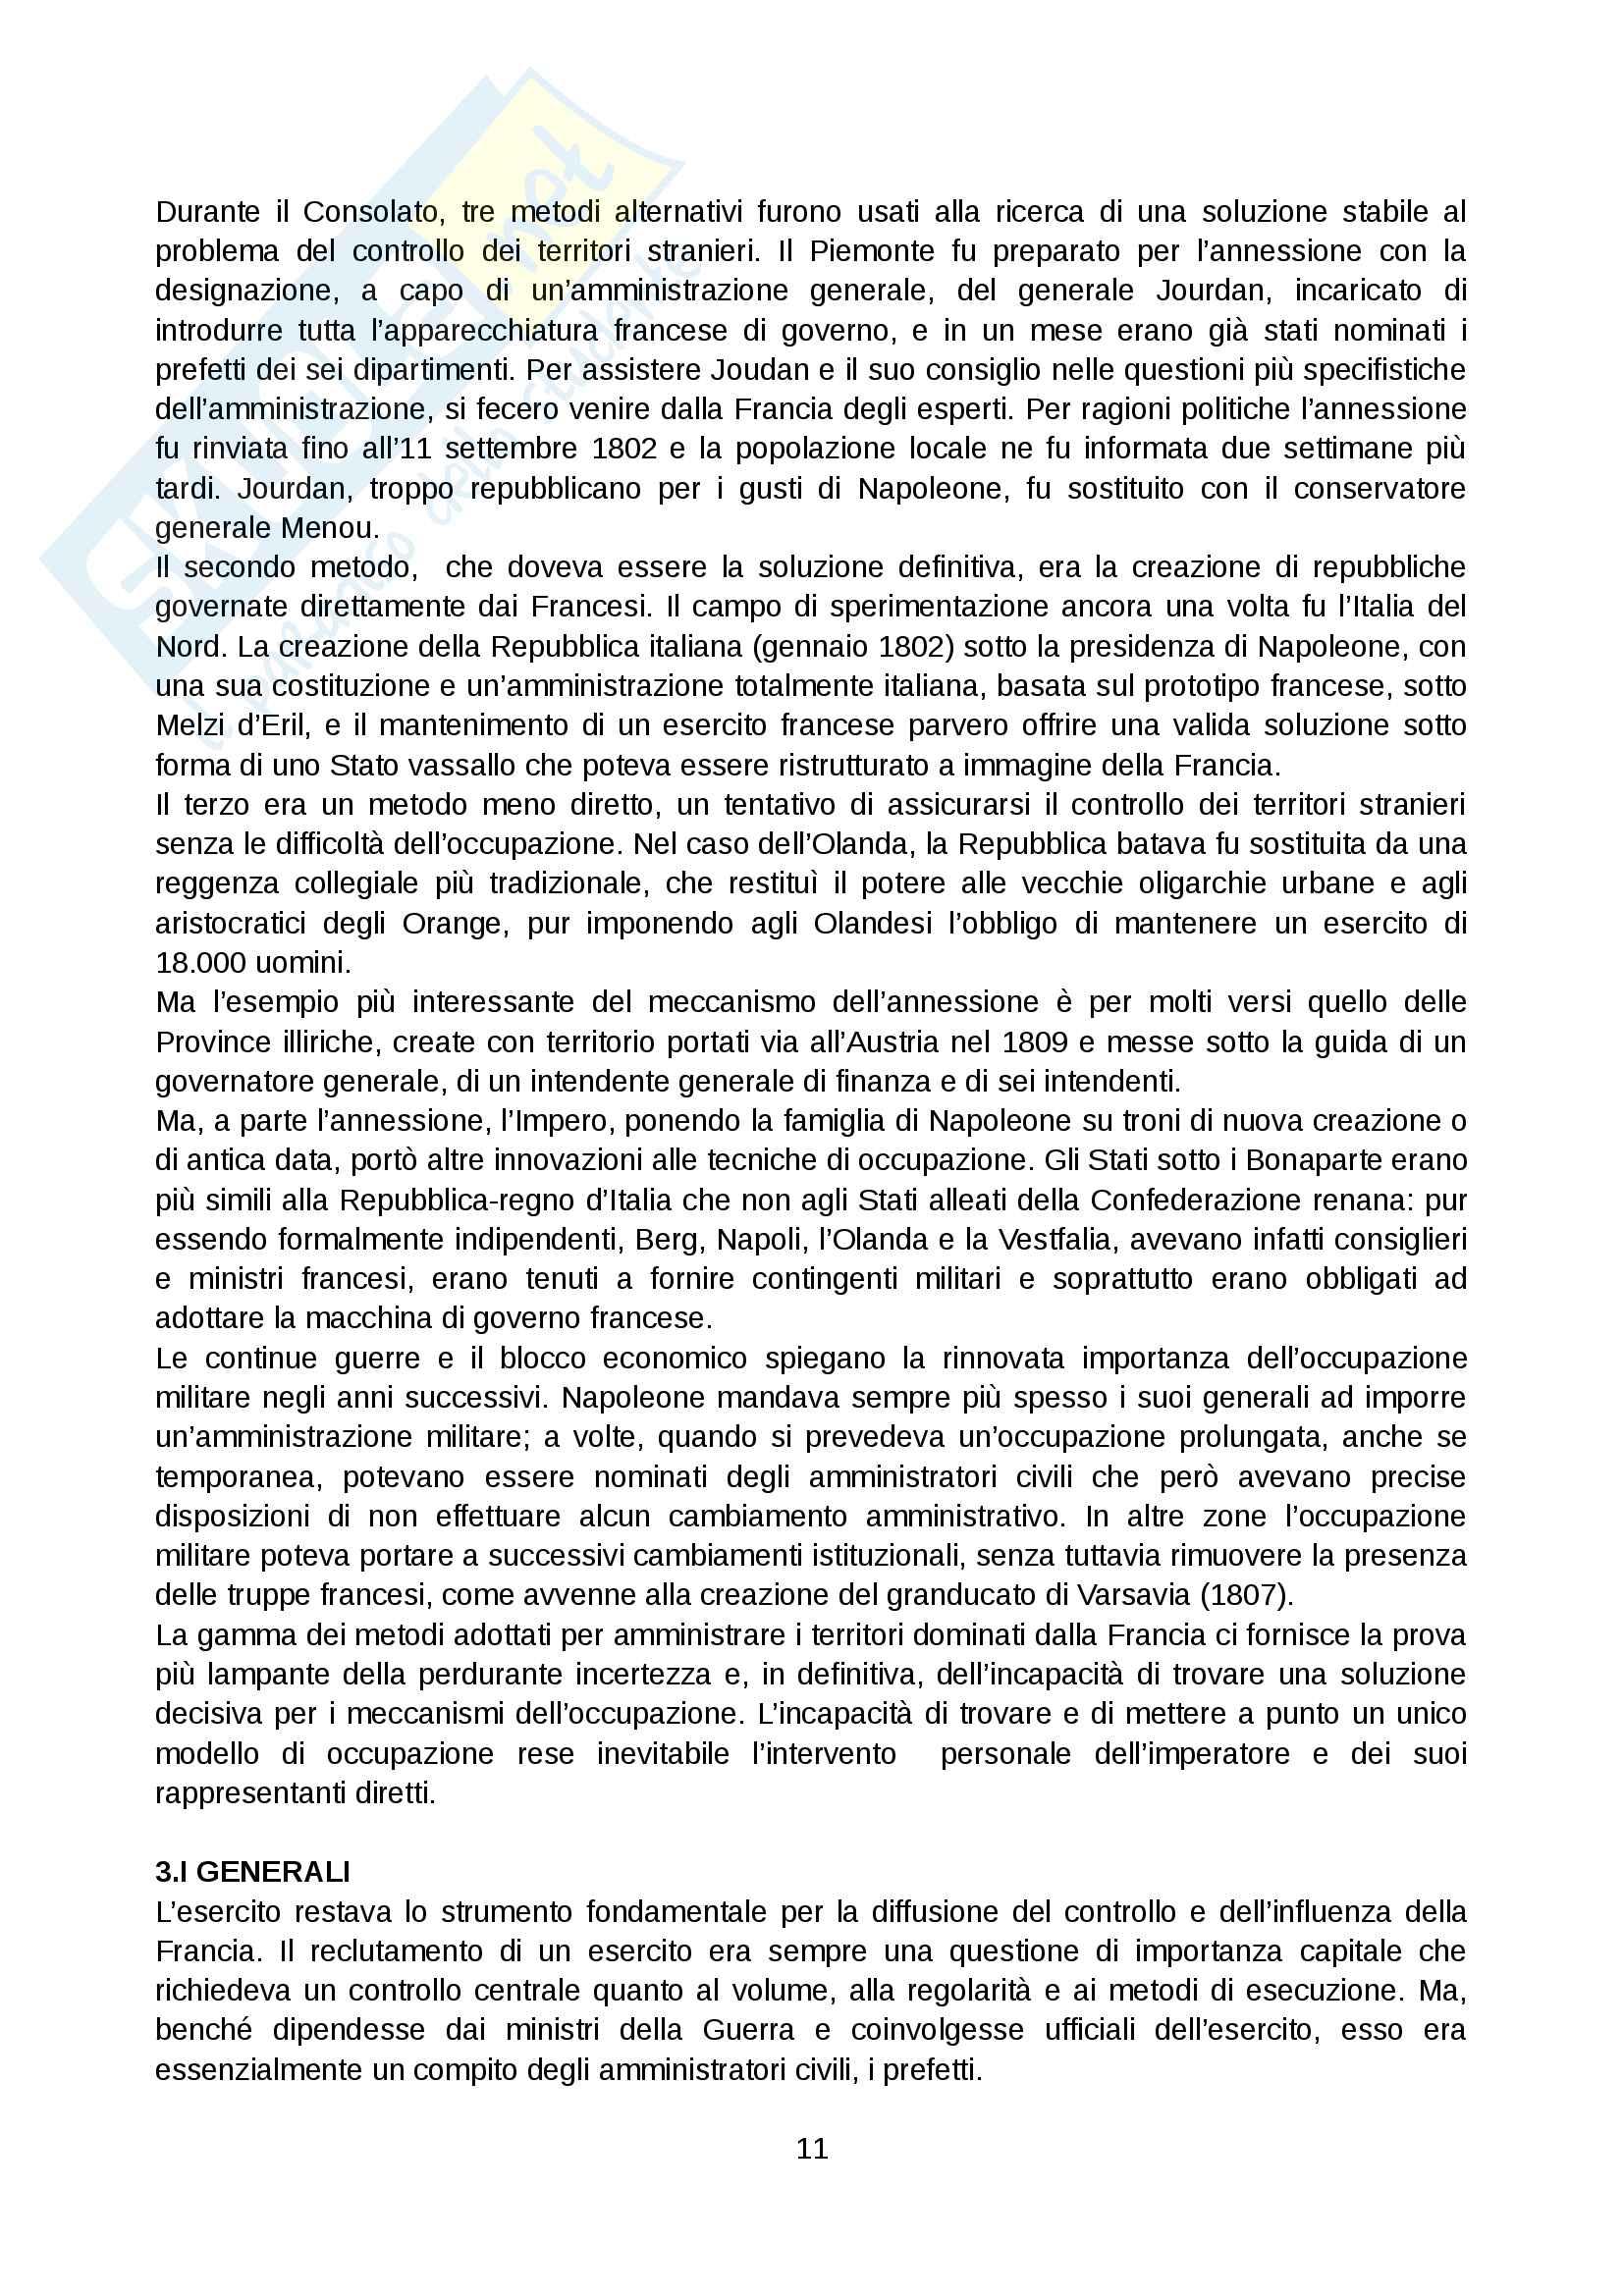 Riassunto esame Storia Moderna, prof. Levati, libro consigliato: Napoleone e la conquista dell Europa - Stuart J. Woolf Pag. 11